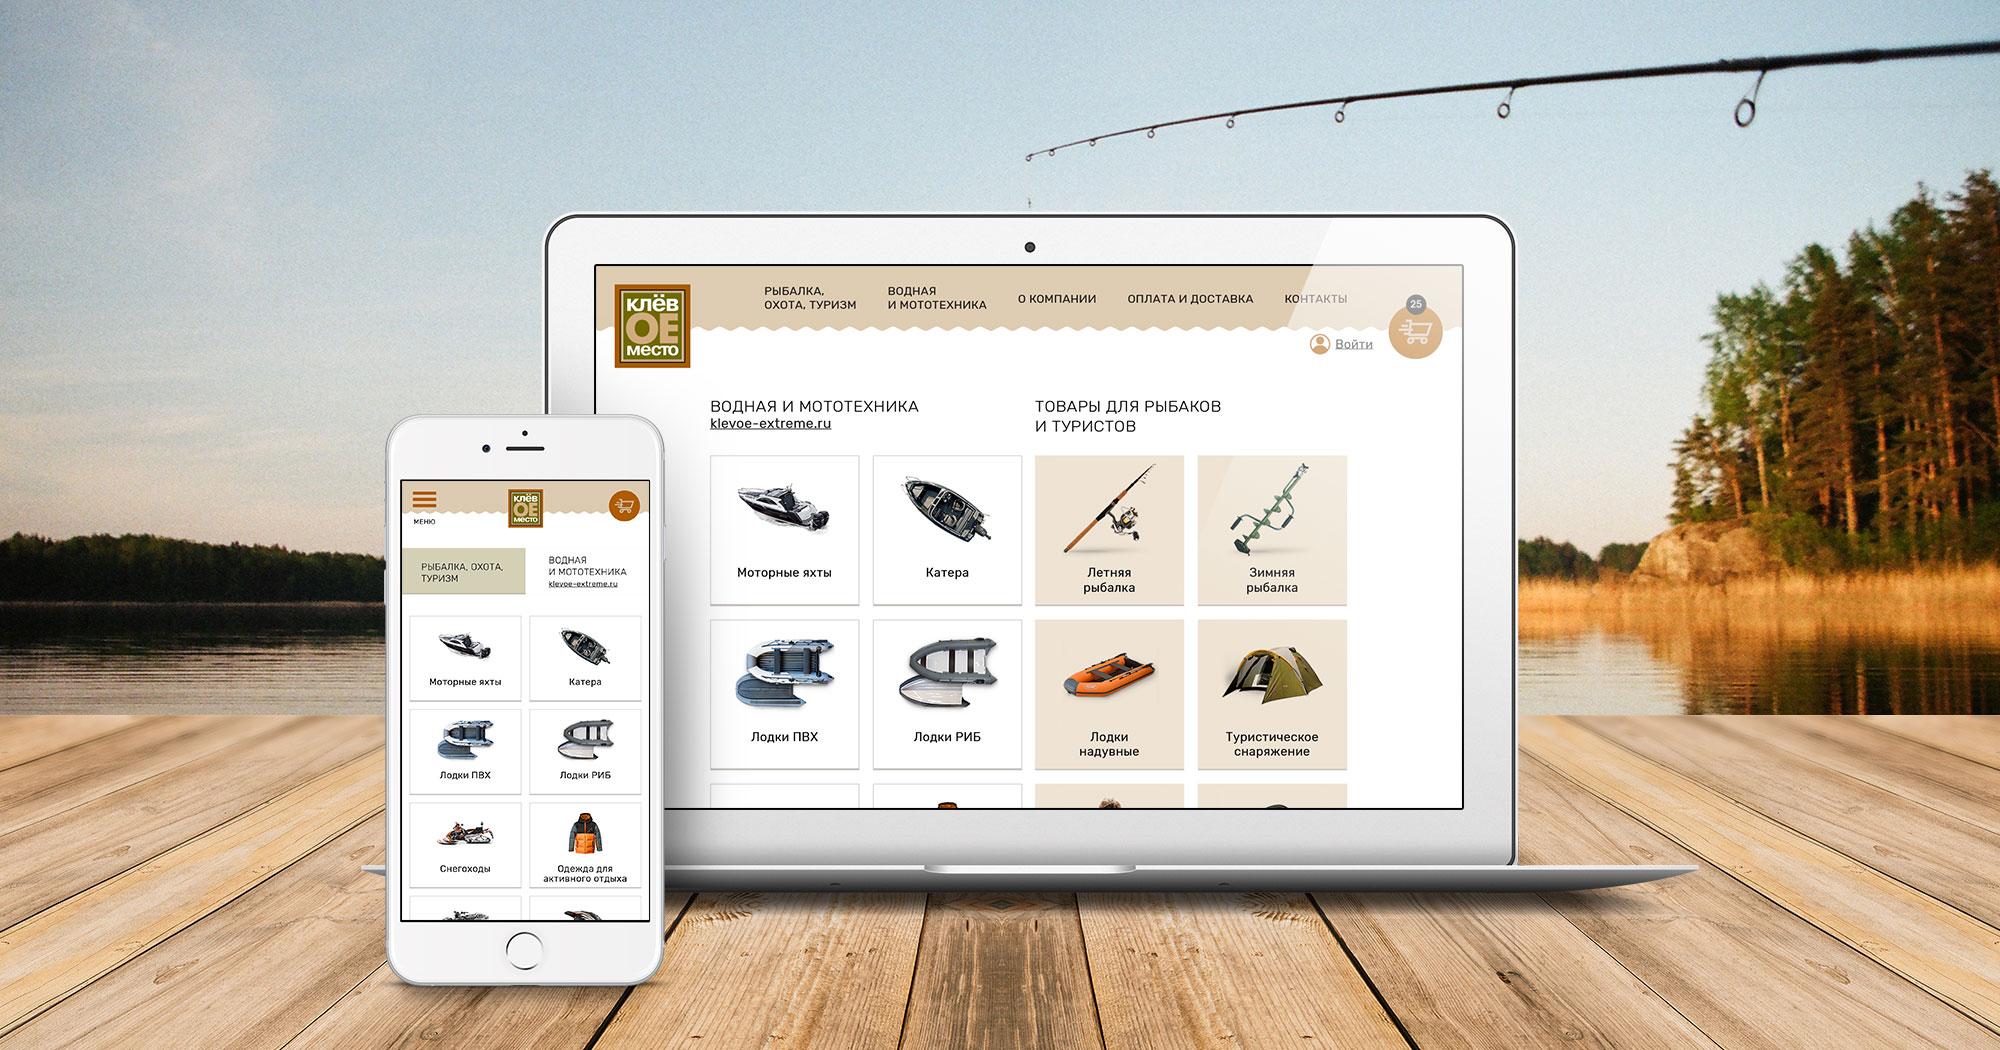 Вид главной страницы сайта на разных носителях.